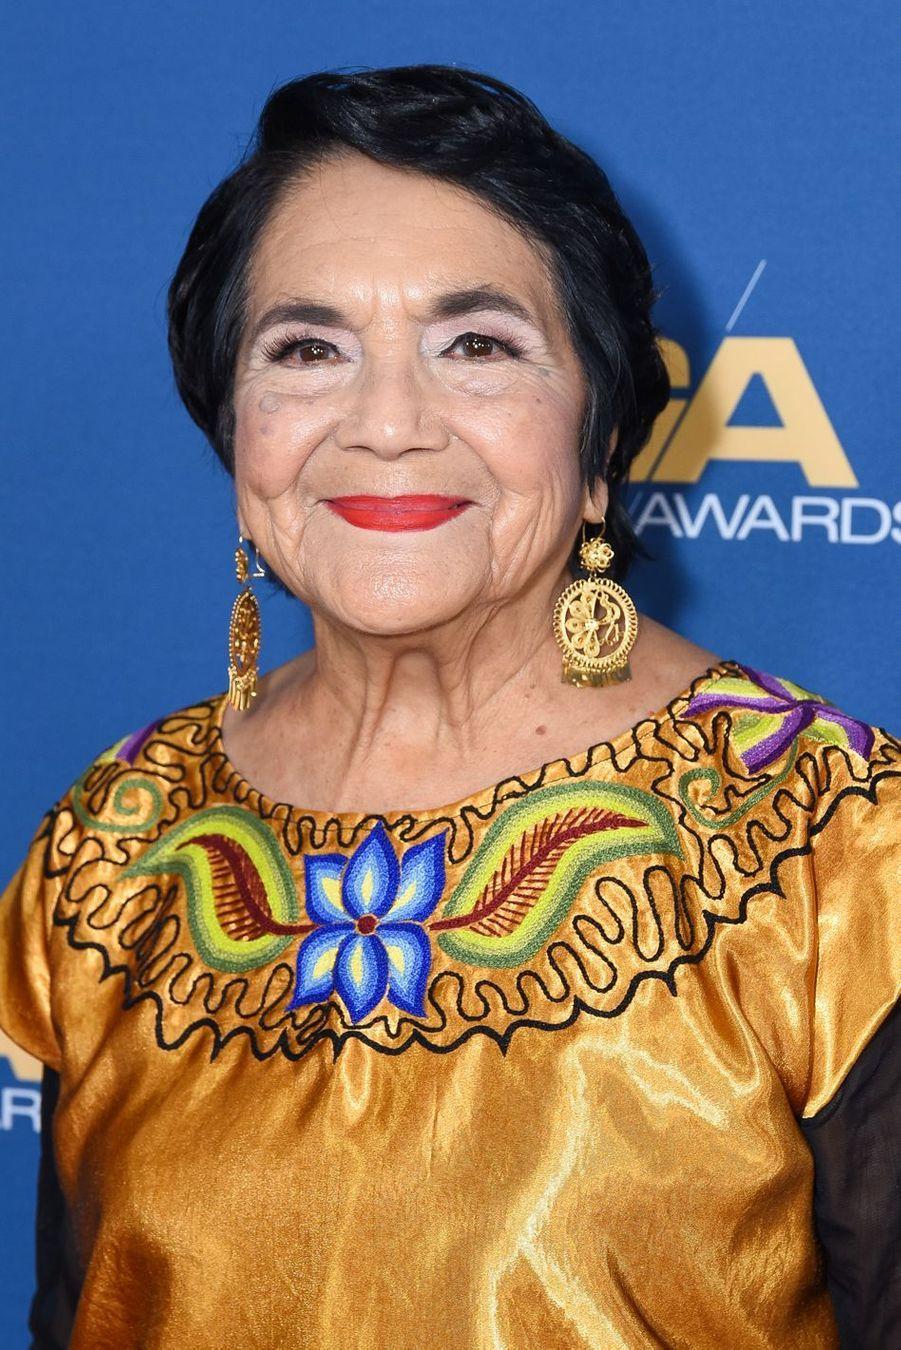 Considérée comme un modèle latino, Dolores Huerta (88 ans) encourage les femmes à marquer l'histoire à travers des combats écologique, politique et sociaux.